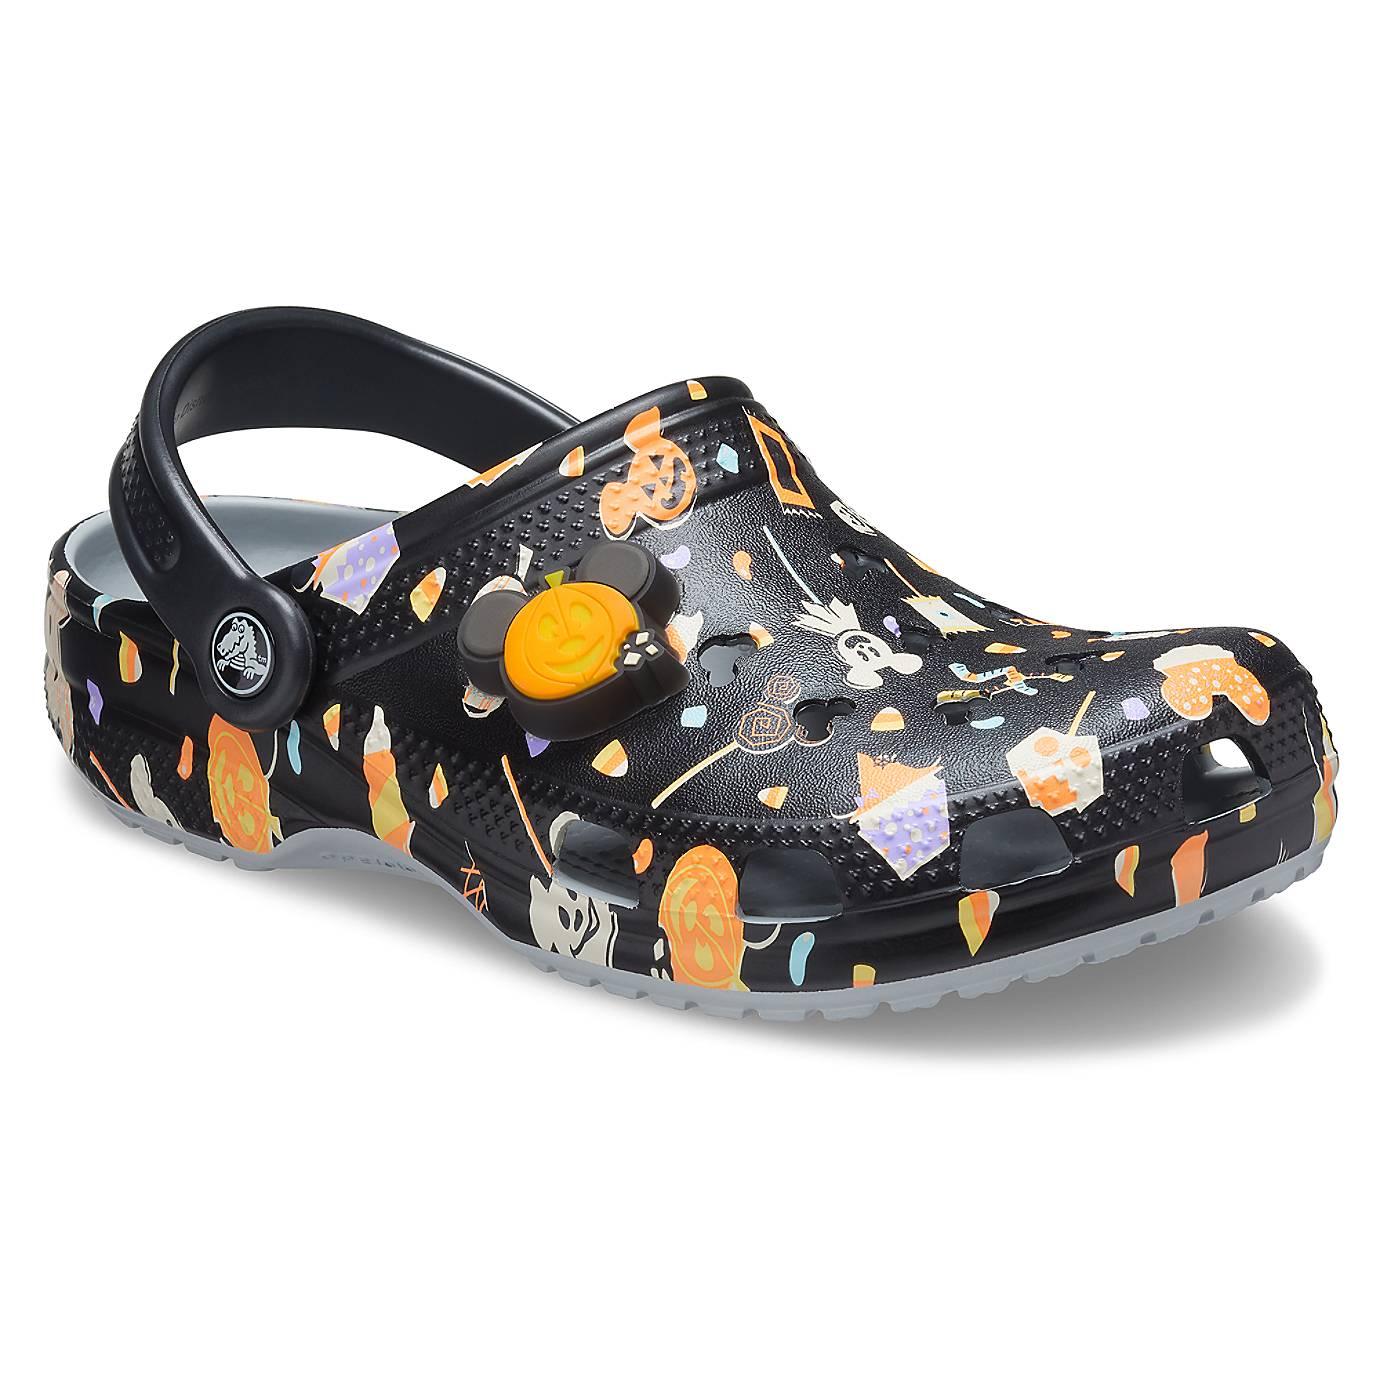 Disney Halloween Crocs are Trending